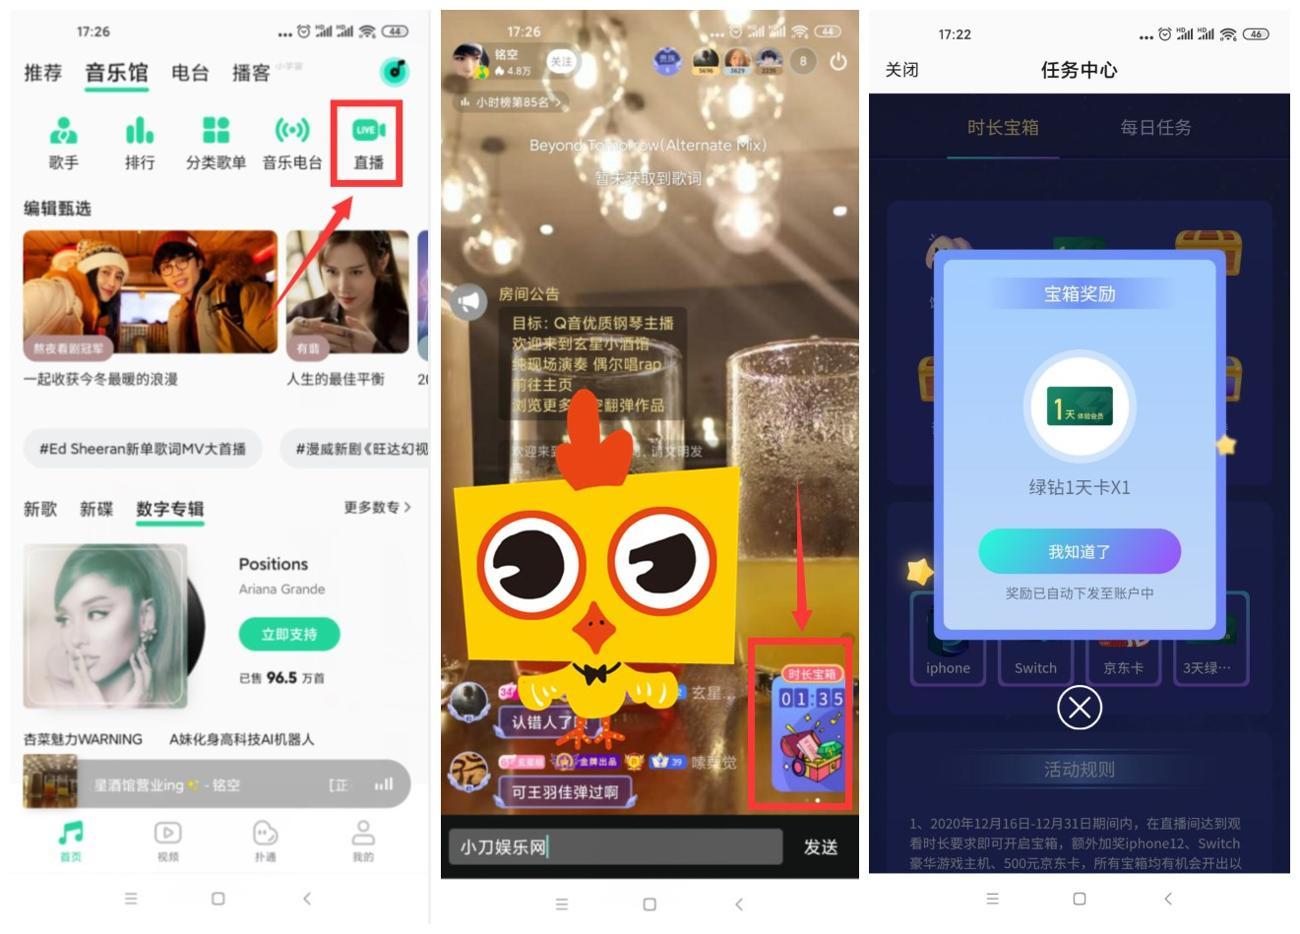 QQ音乐老用户领1~3天绿钻